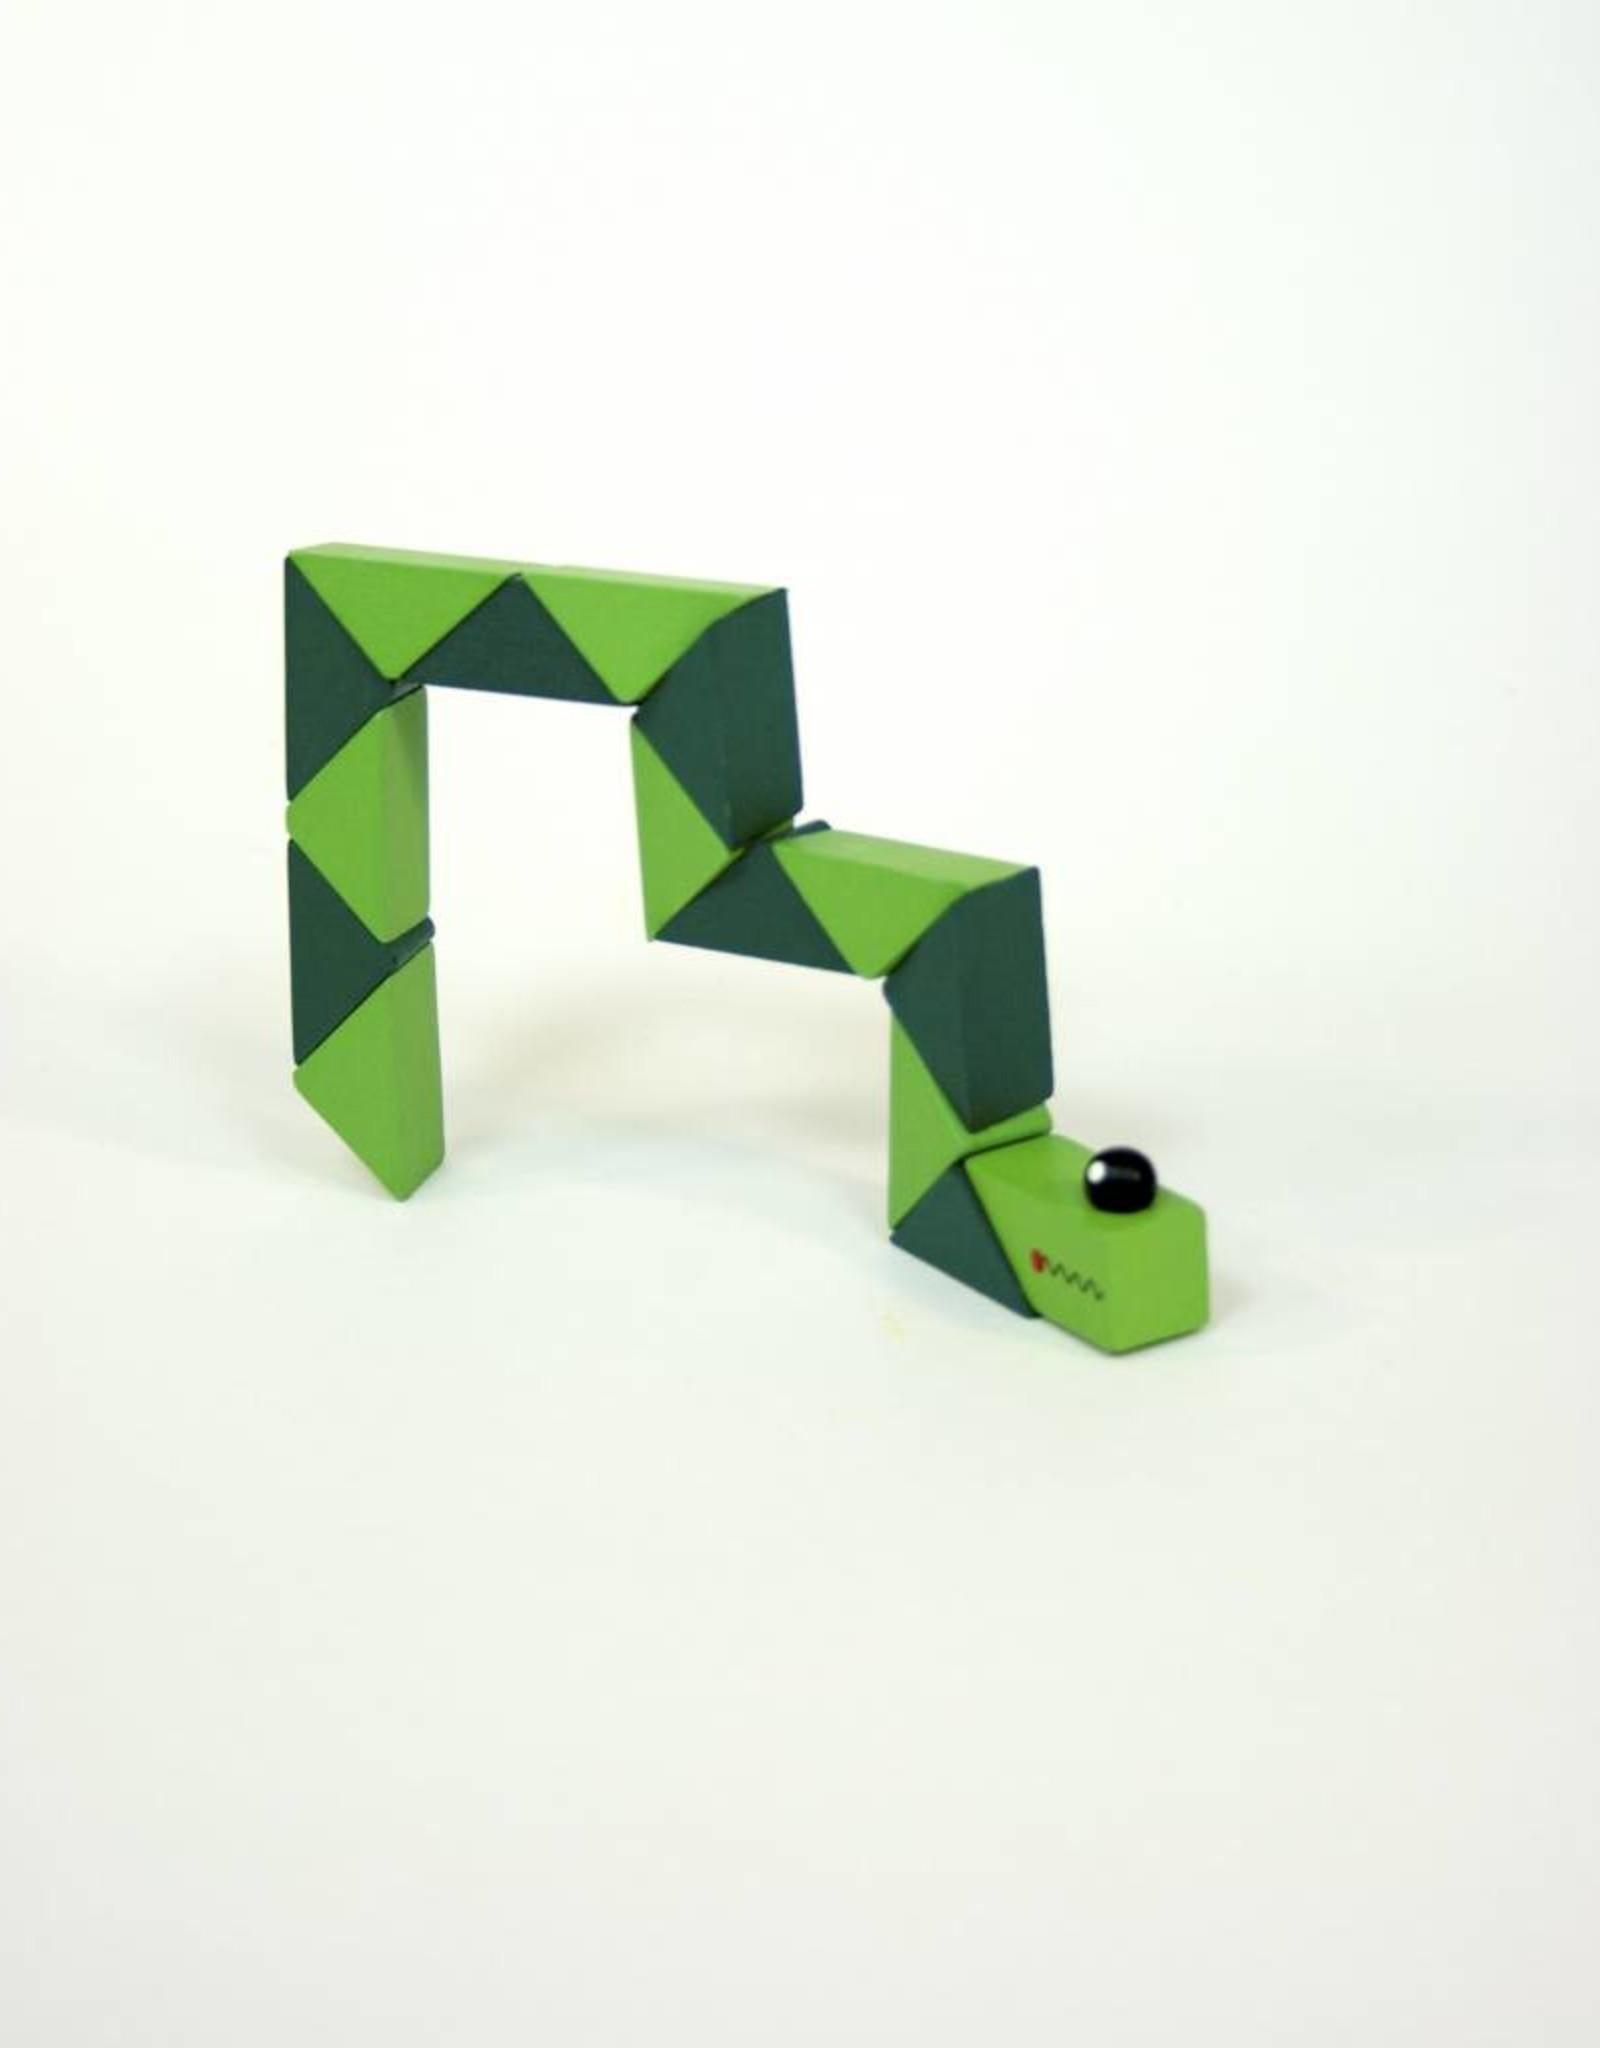 Tobar Wooden Twisty Animals